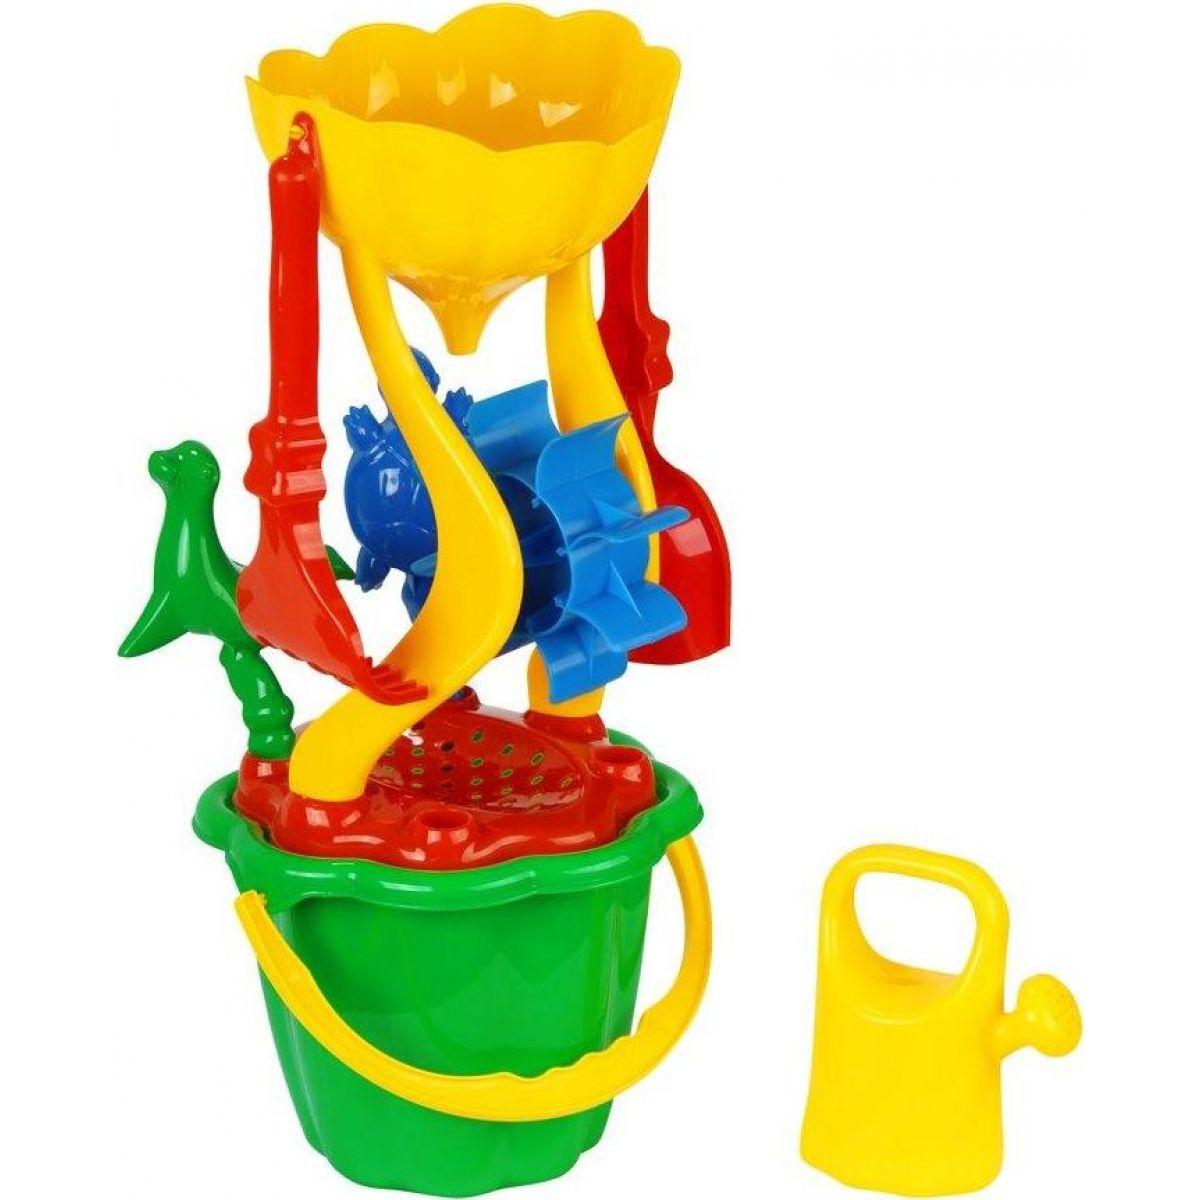 Toy Komplet do písku s mlýnkem 9048